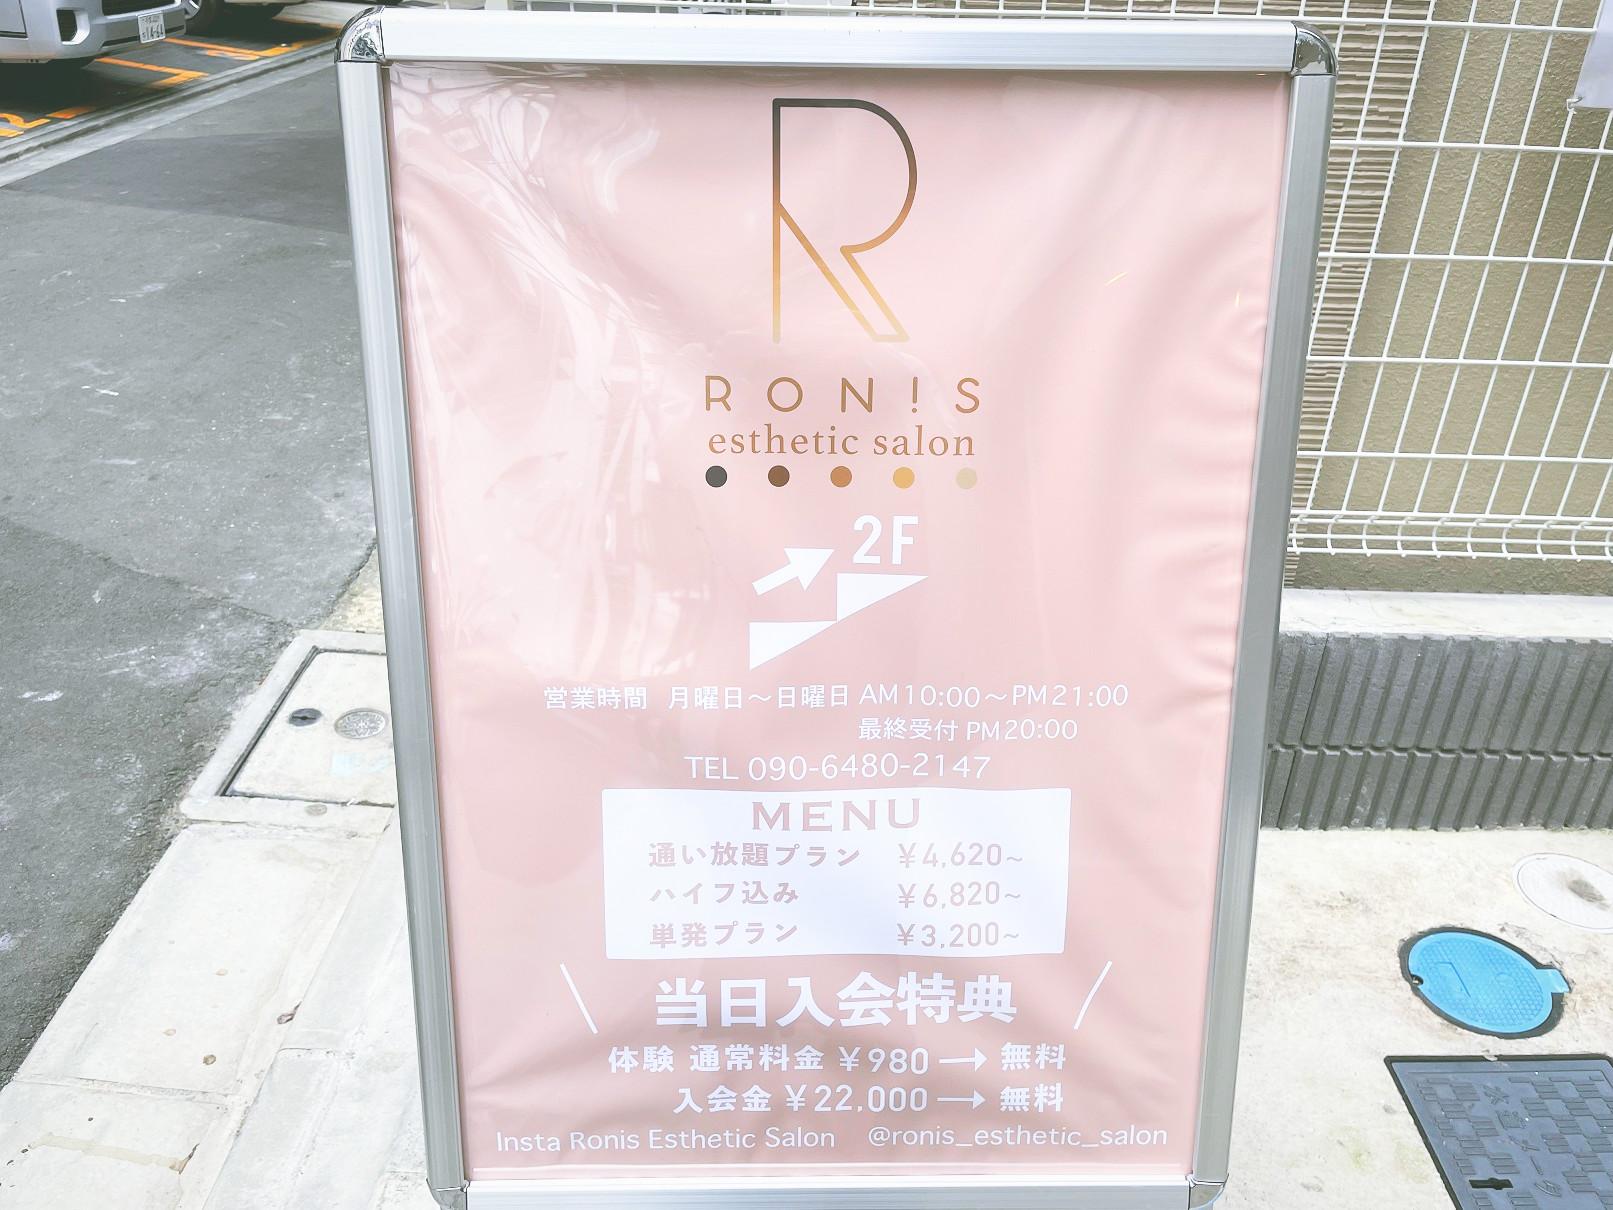 ロニス(RONIS)錦糸町セルフエステ口コミ体験レポ